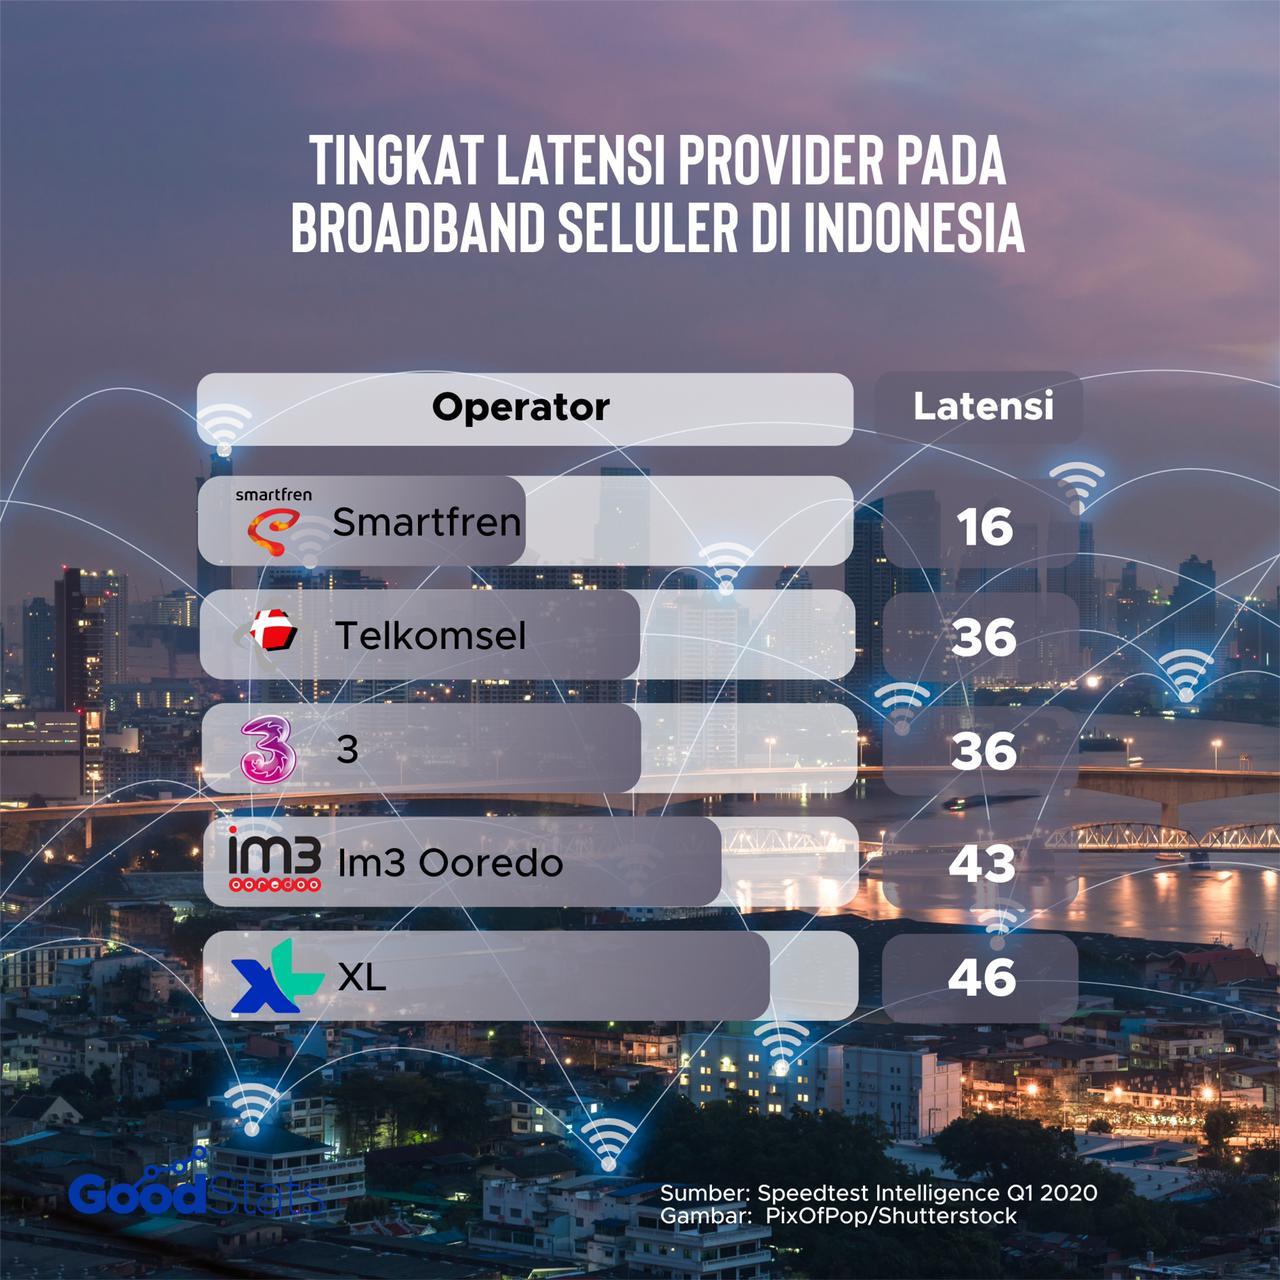 Smartfren menjadi provider dengan latensi terendah mobile fixed broadband di Indonesia. Smartfren tercatat memiliki latensi 16 mili detik. | GoodStats